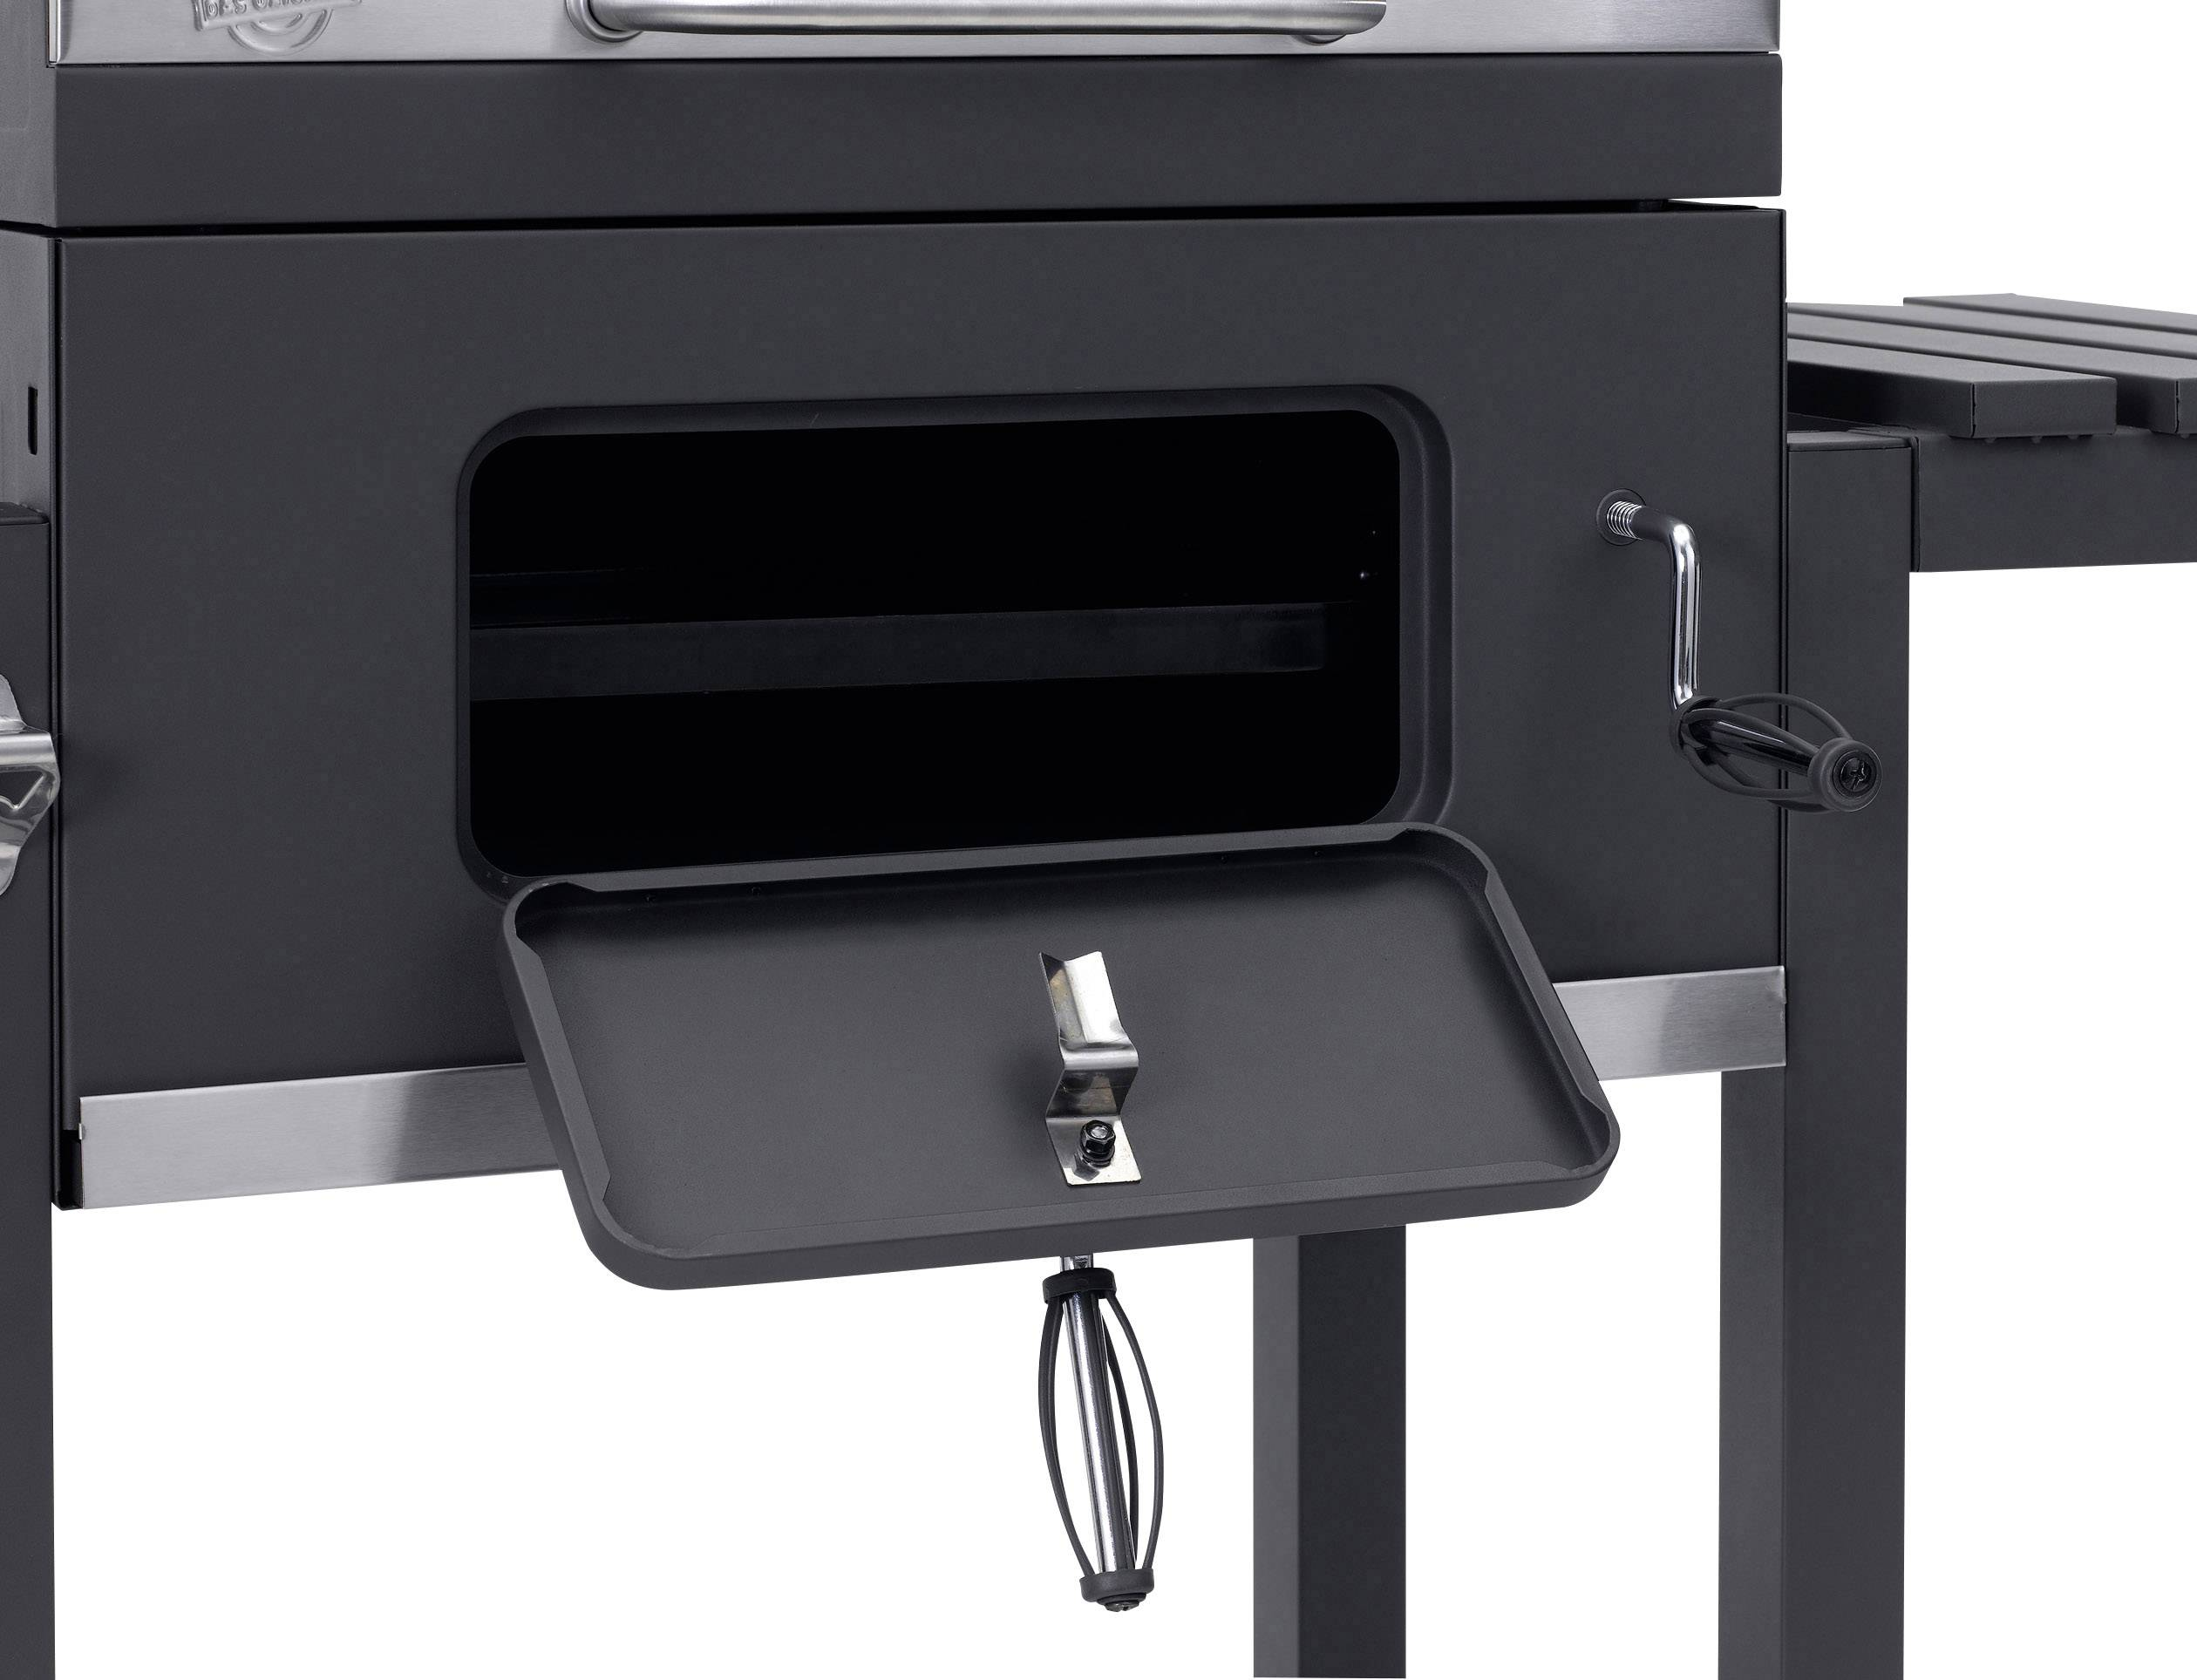 tepro Garten Toronto Barbecue Uitvoering (BBQ): Grillwagen